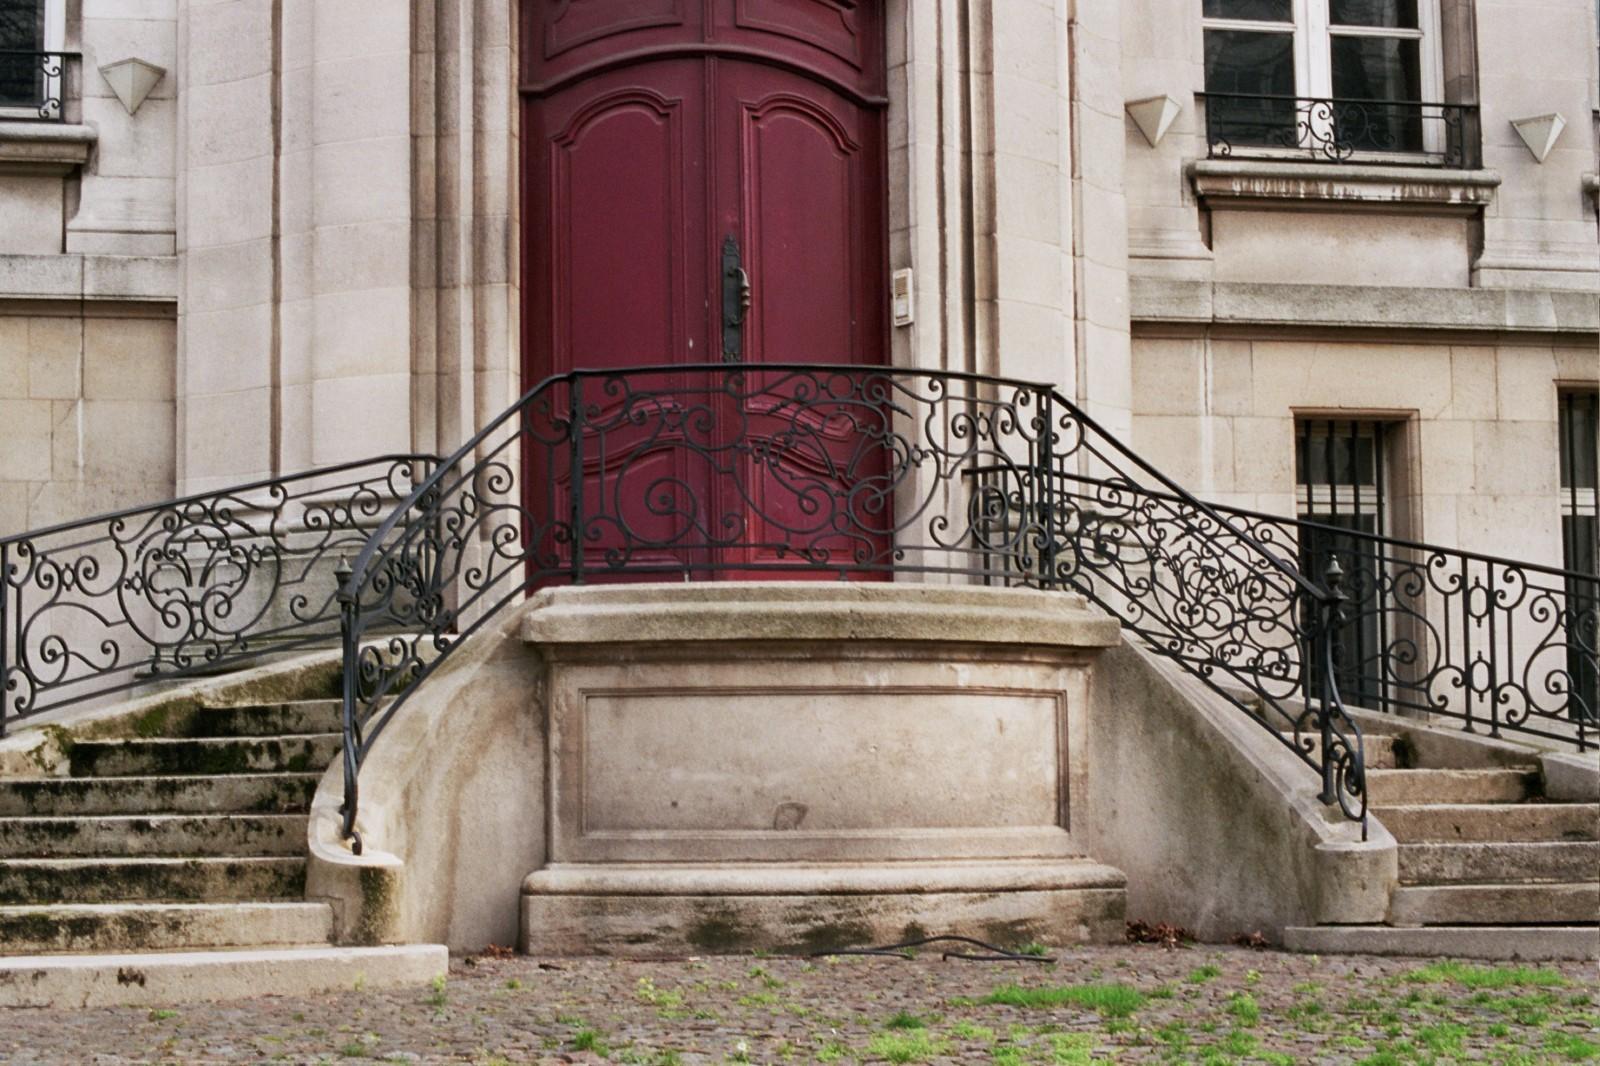 Toegangsbordes, \'Hôtel Vaxelaire\', Sterrenkundelaan 9, Sint-Joost-ten-Node, 1916, toegeschreven aan arch. L. Sauvage., 2005